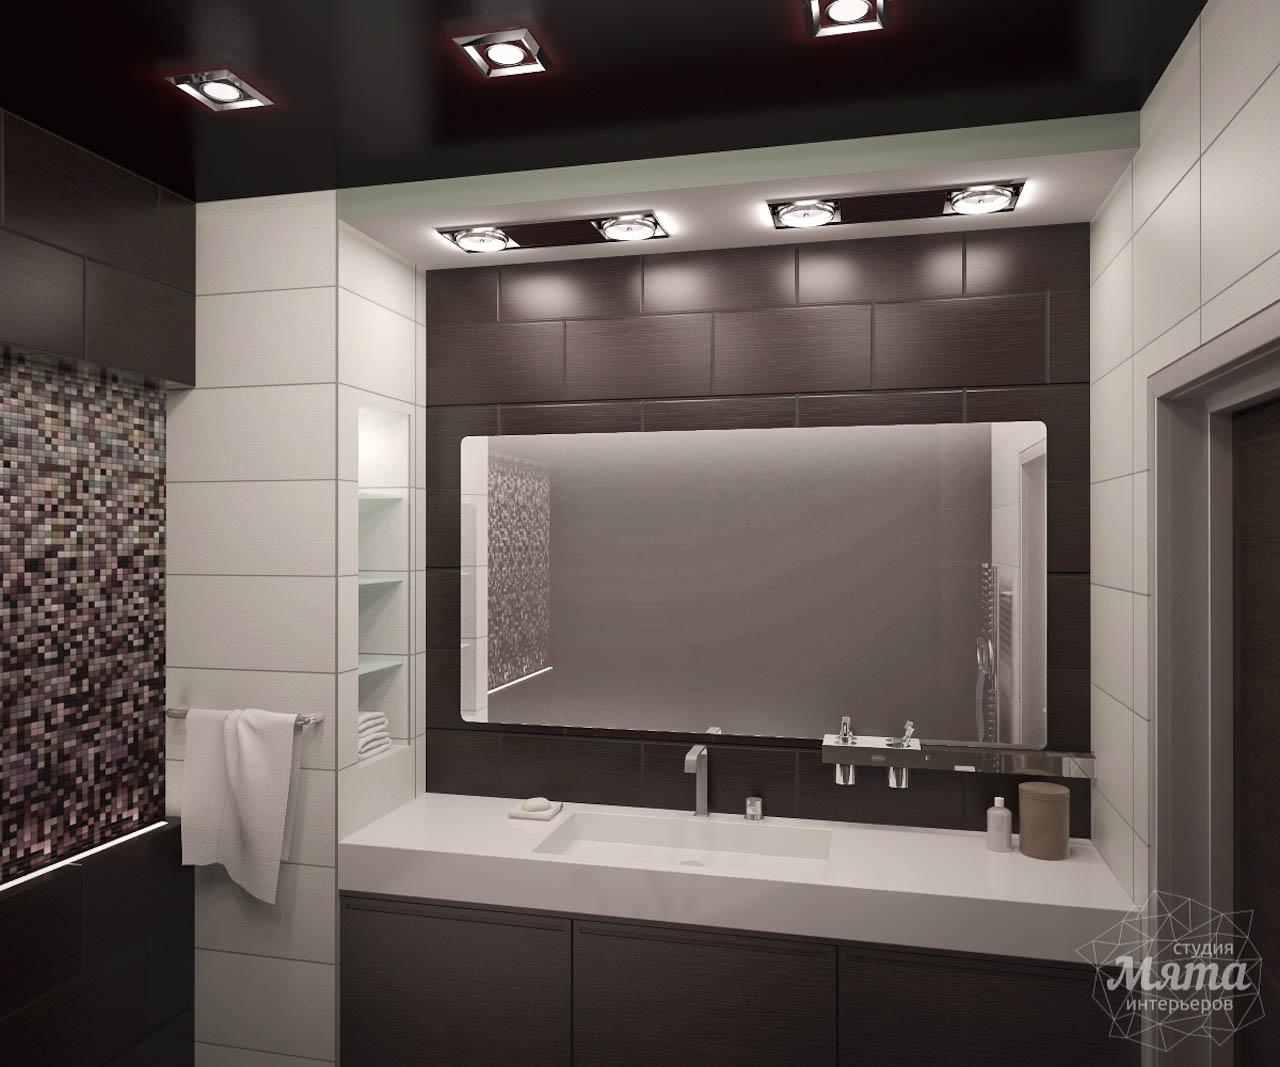 Дизайн интерьера однокомнатной квартиры по ул. Посадская 34 img1873746985